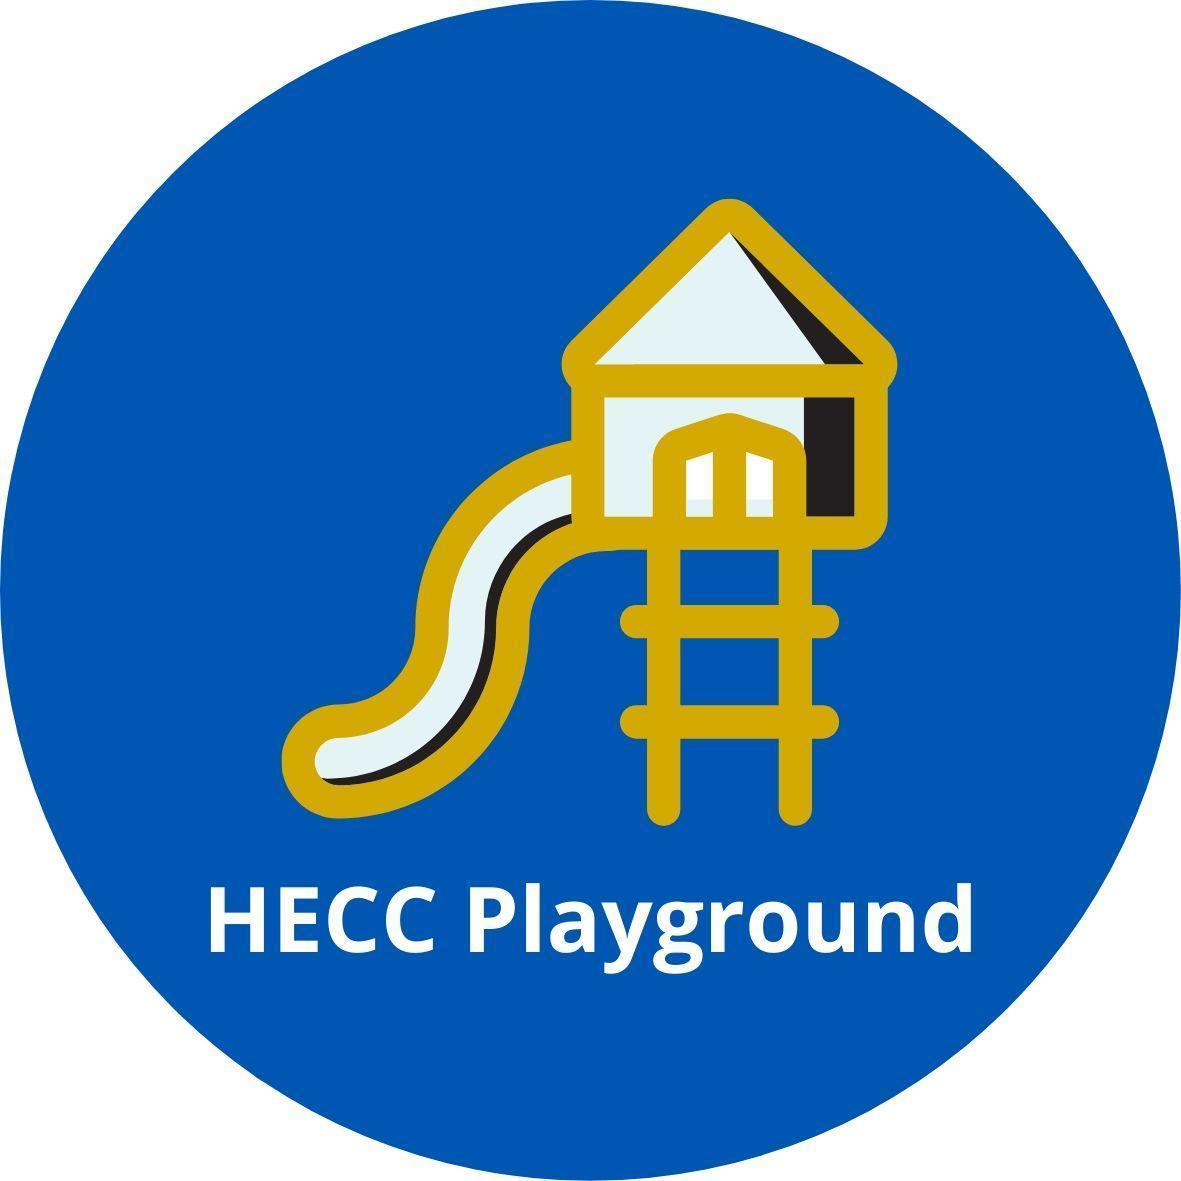 HECC Playground